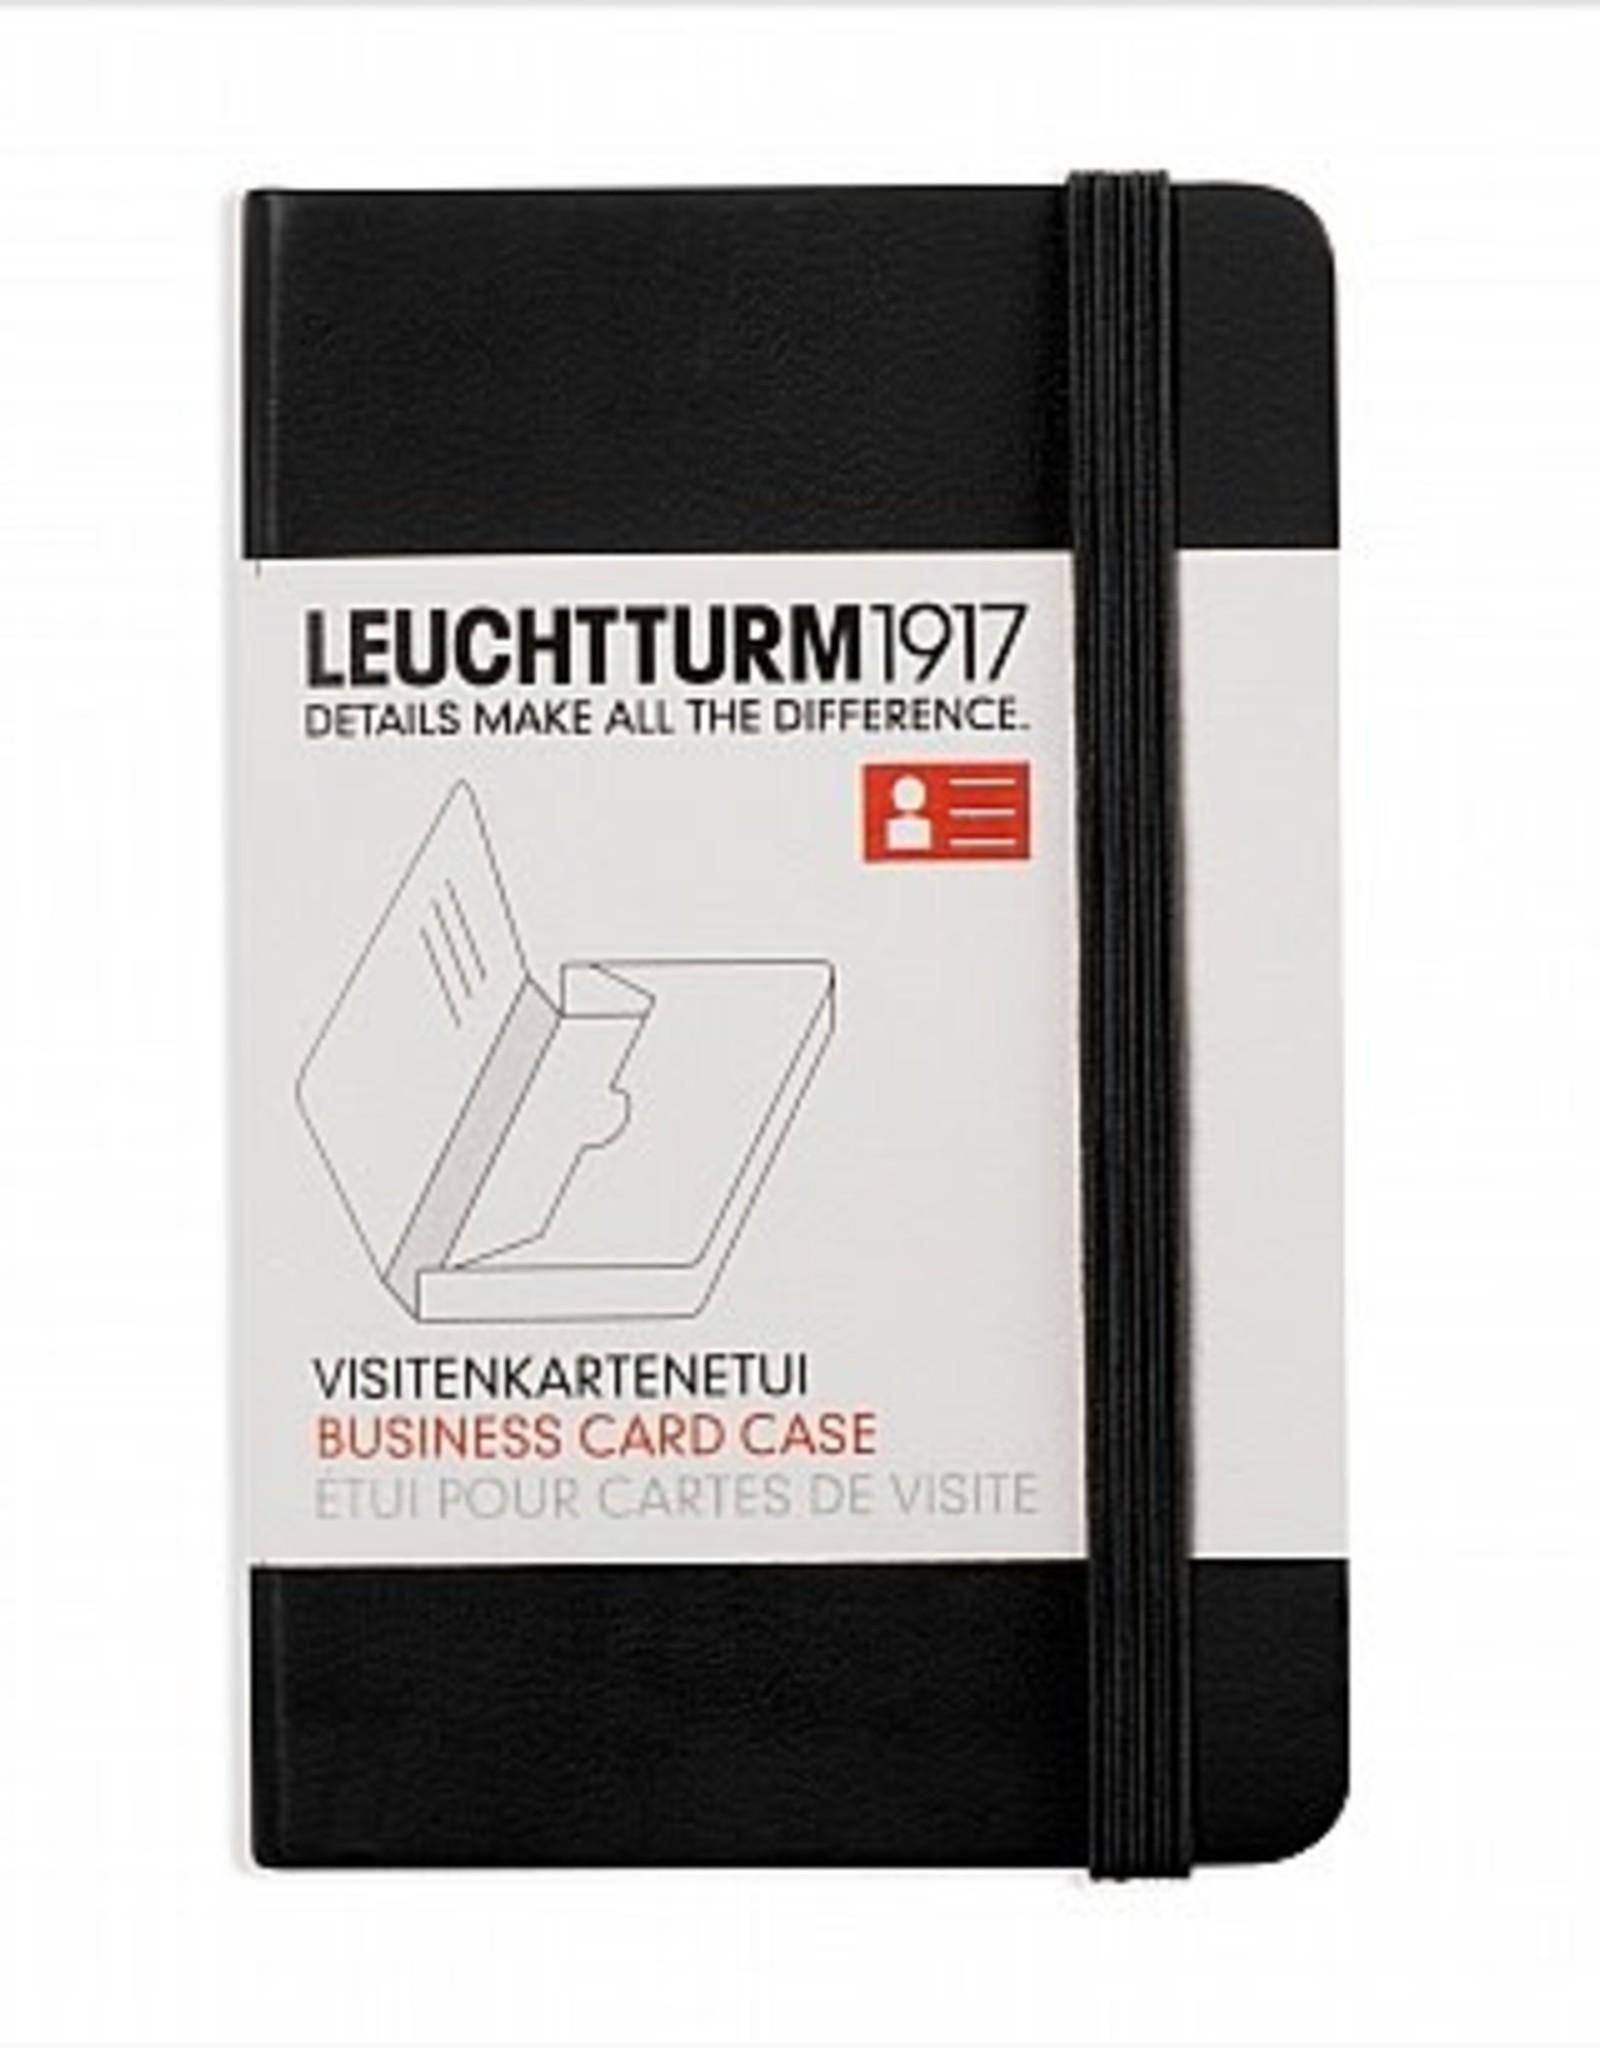 Leuchtturm 1917 Leuchtturm 1917 Business Card Case